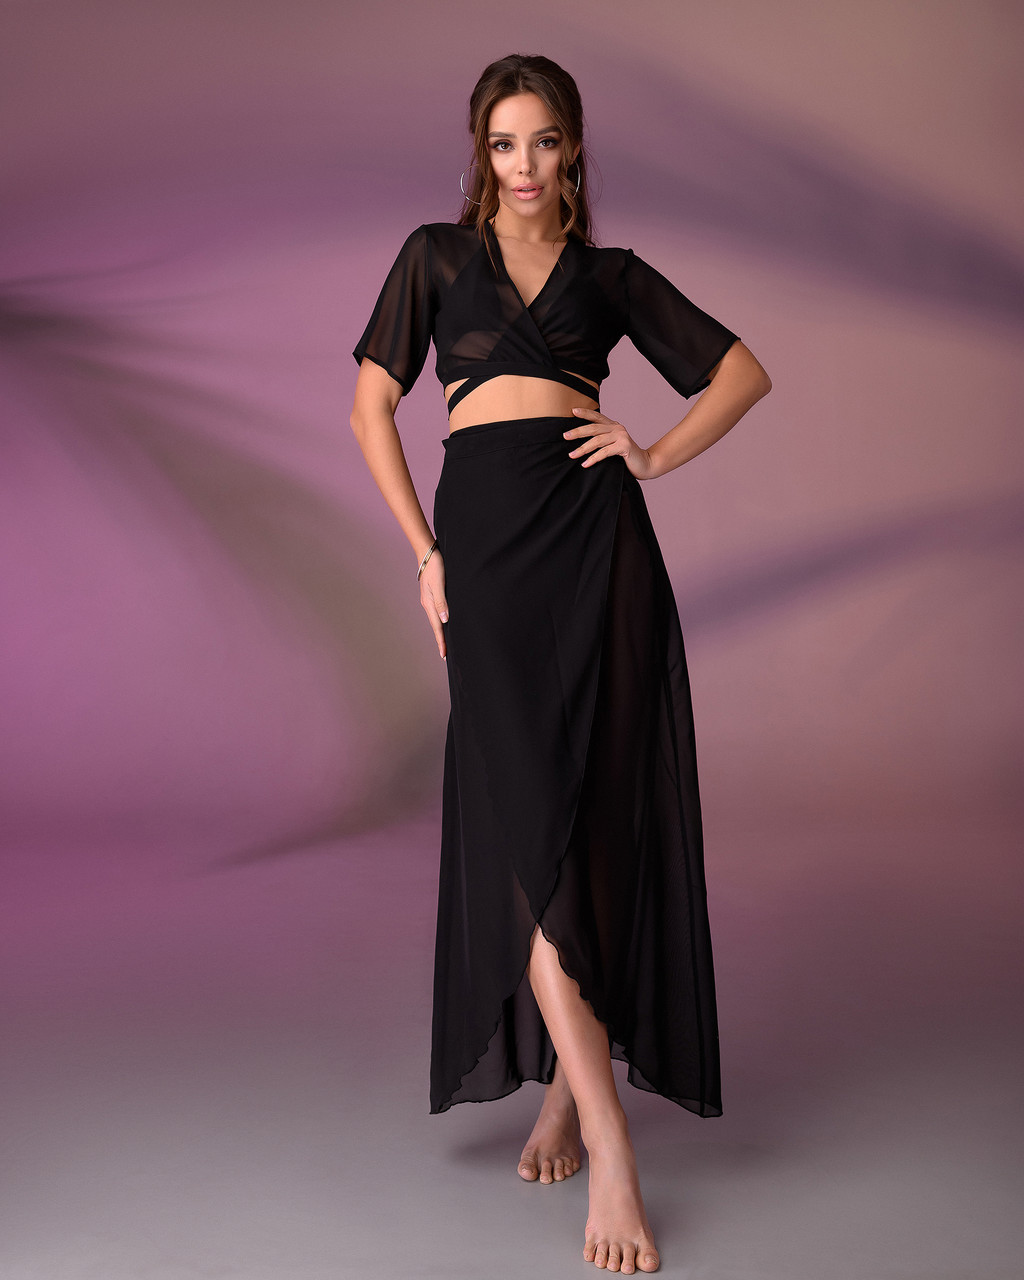 Пляжный костюм 203, цвет - черный.